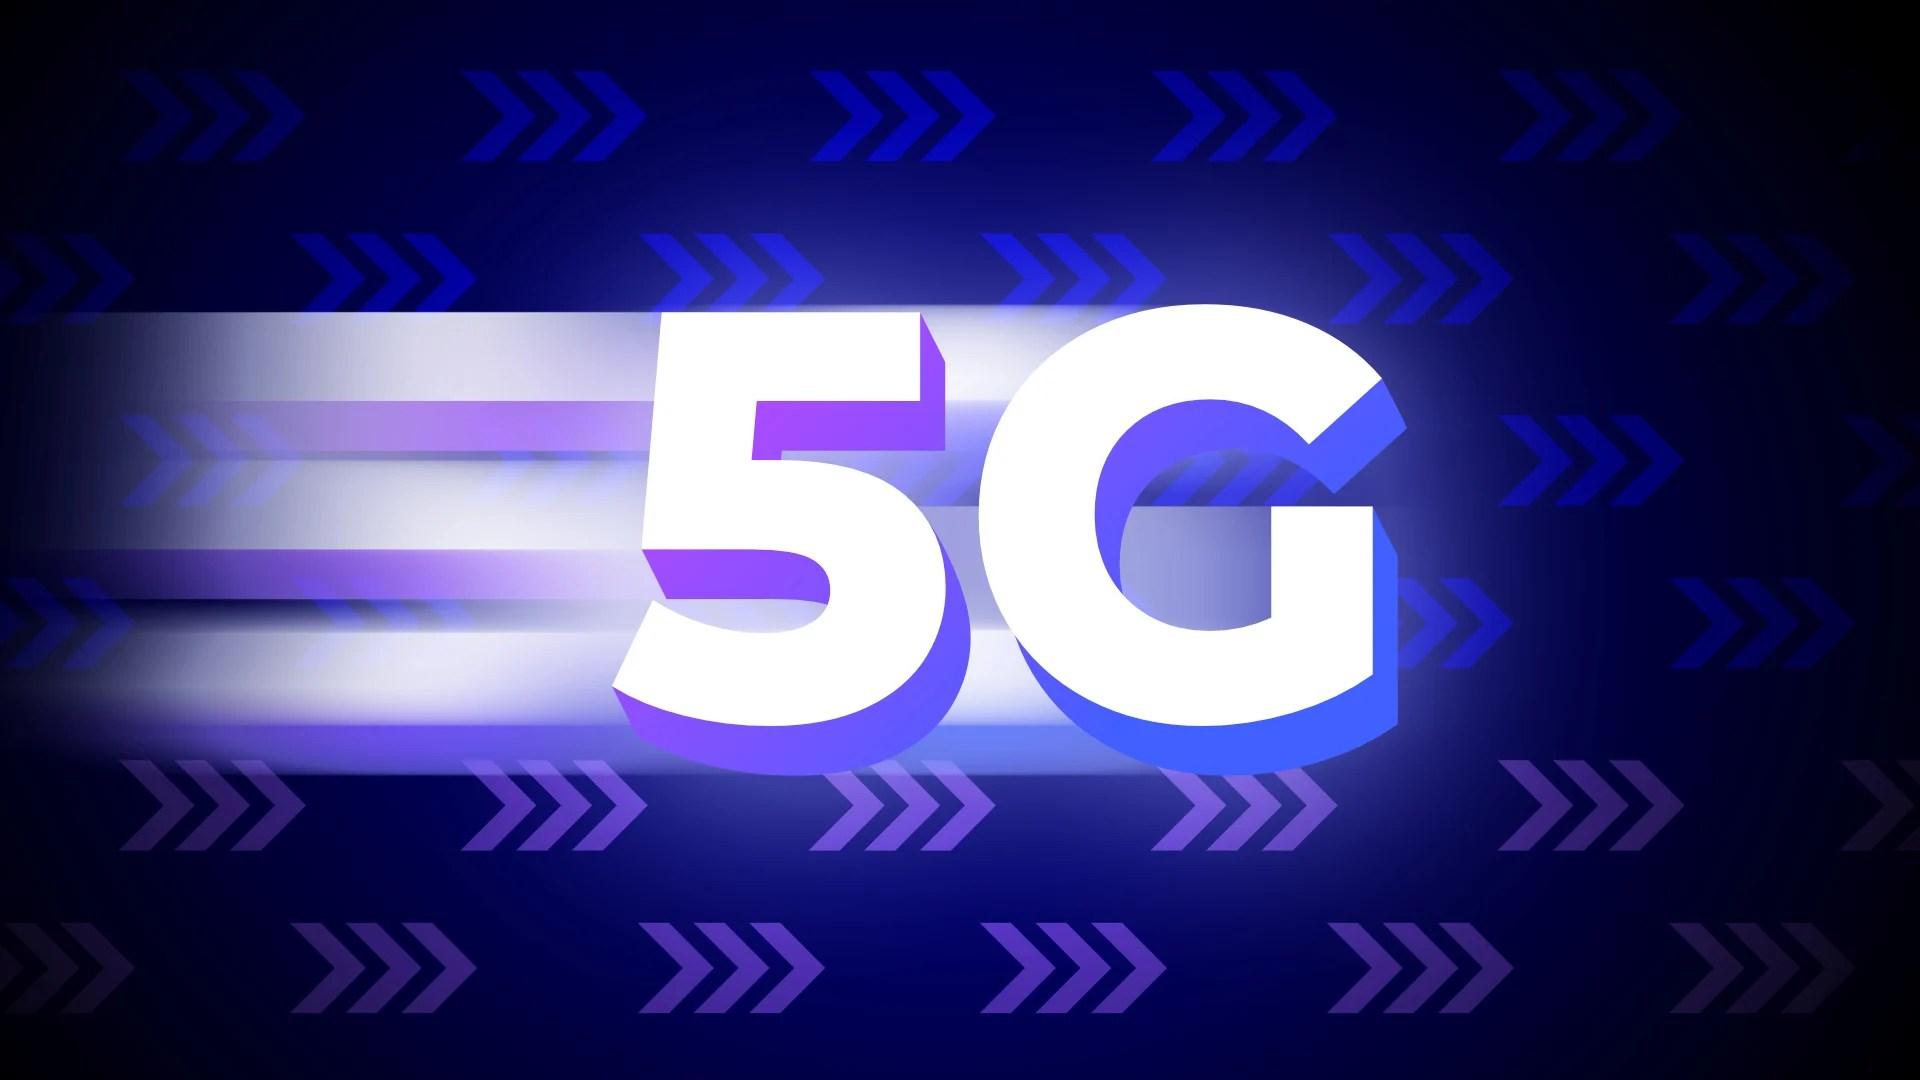 Vous préférez attendre encore la 5G pour connaître son impact écologique